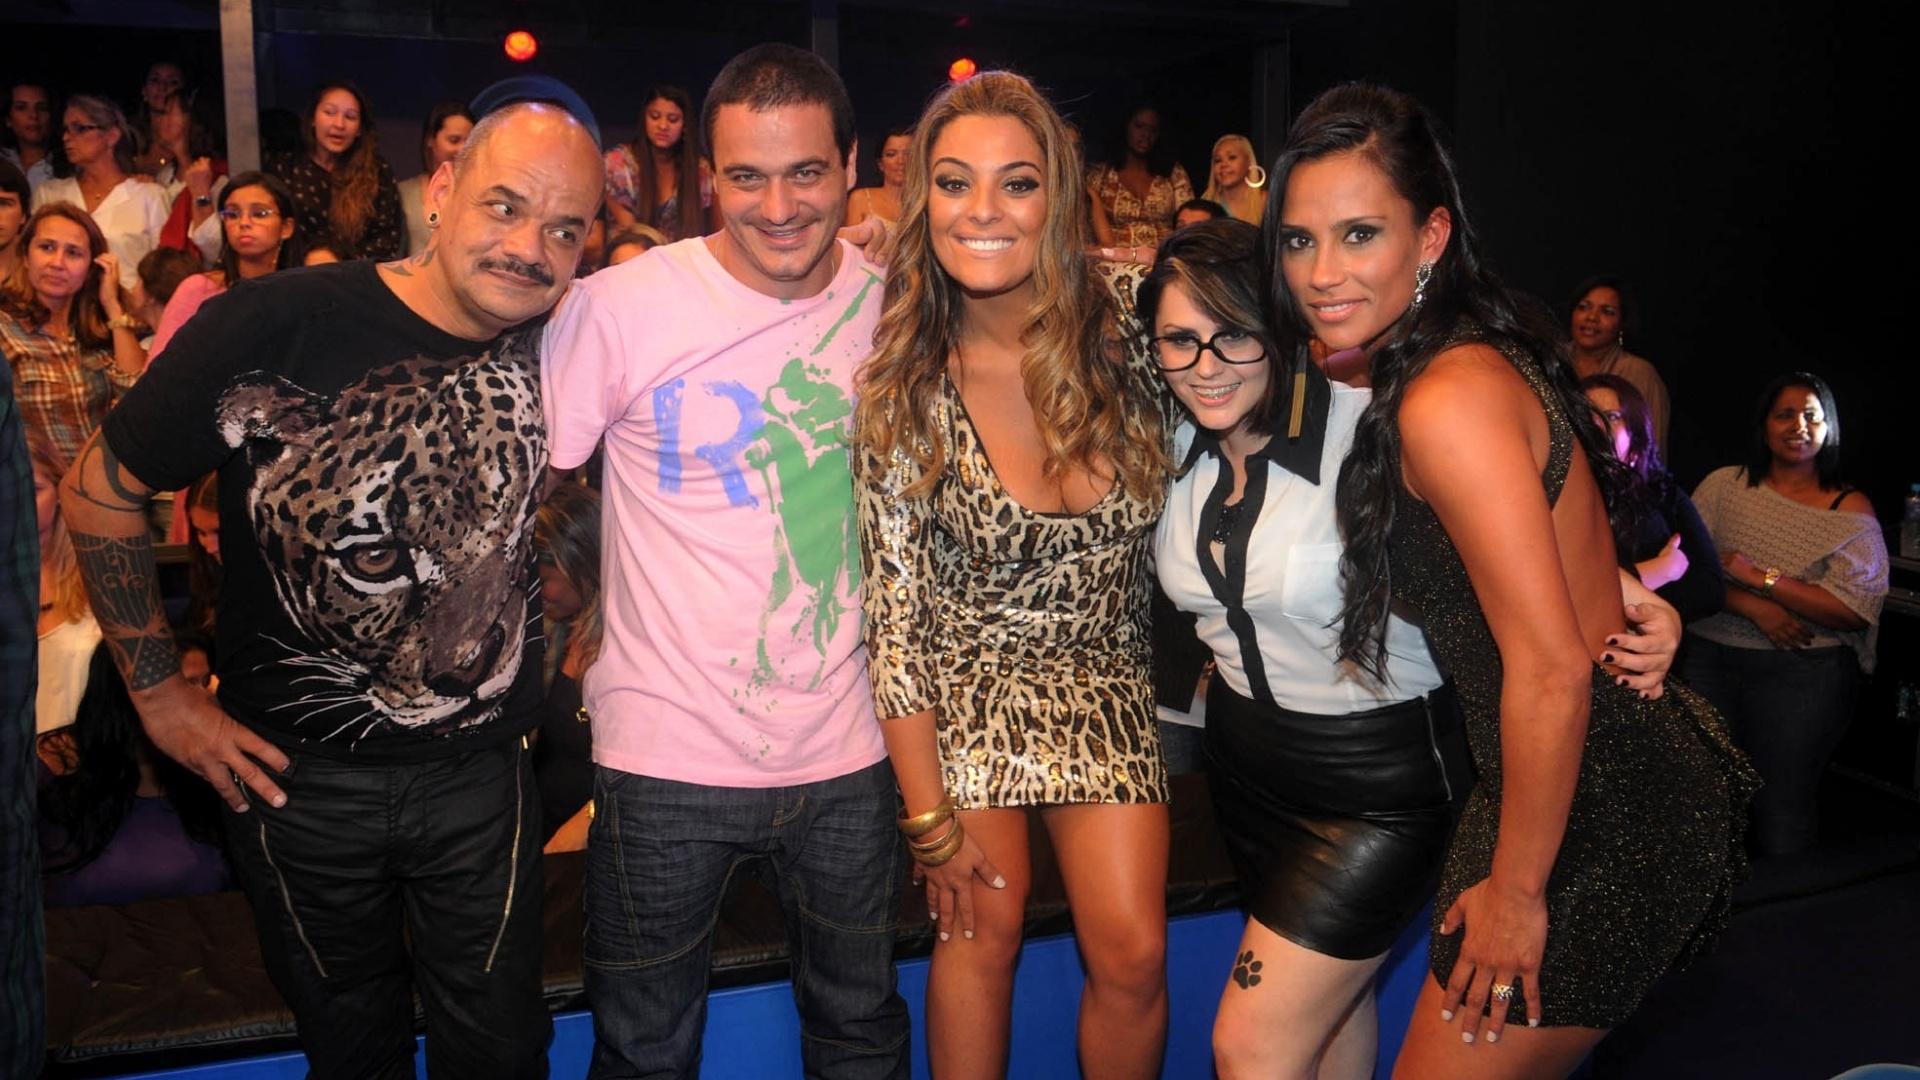 João Carvalho, Rafa, Monique, Mayara e Kelly posam para foto (29/3/12)